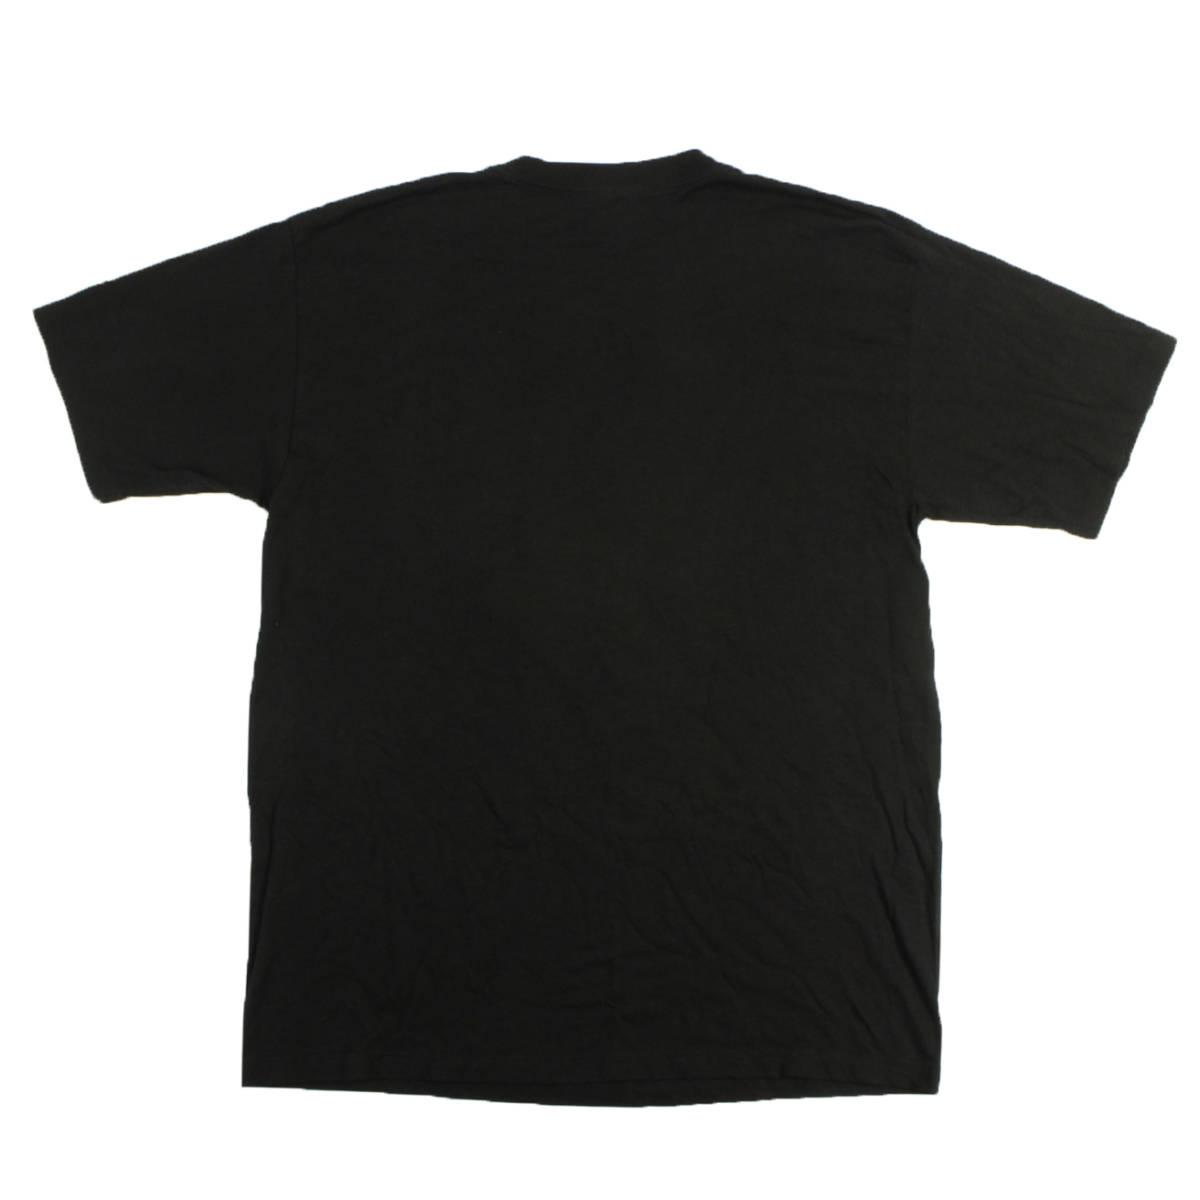 ■美品 90s USA製 STARTER NHL アナハイム マイティ ダックス Tシャツ Anaheim Mighty Ducks 黒 L ビンテージ_画像2